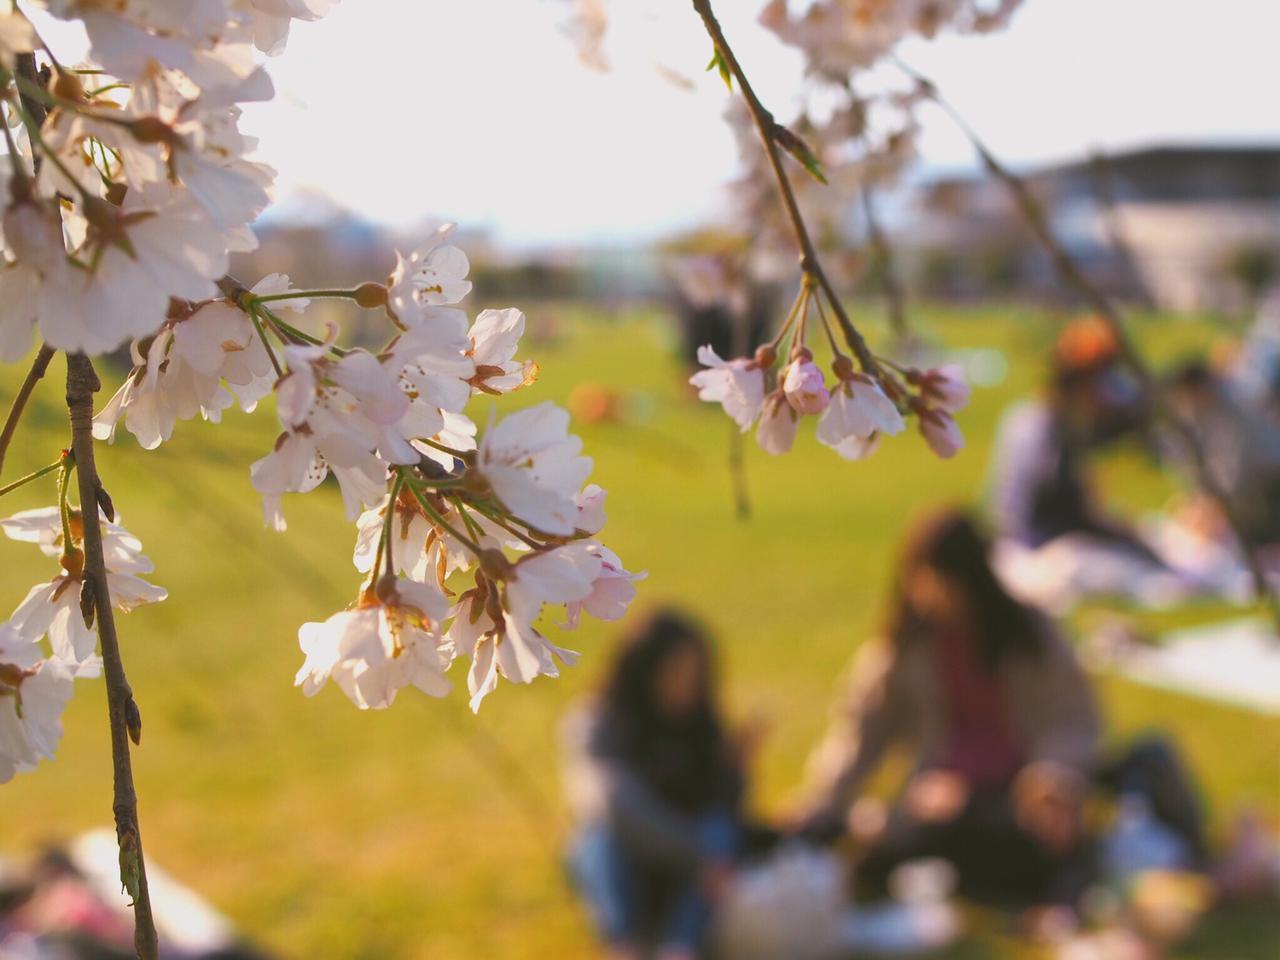 画像: 軽量で持ち運びに便利なハイバックアウトドアチェア9選 キャンプ・花見におすすめ - ハピキャン|キャンプ・アウトドア情報メディア